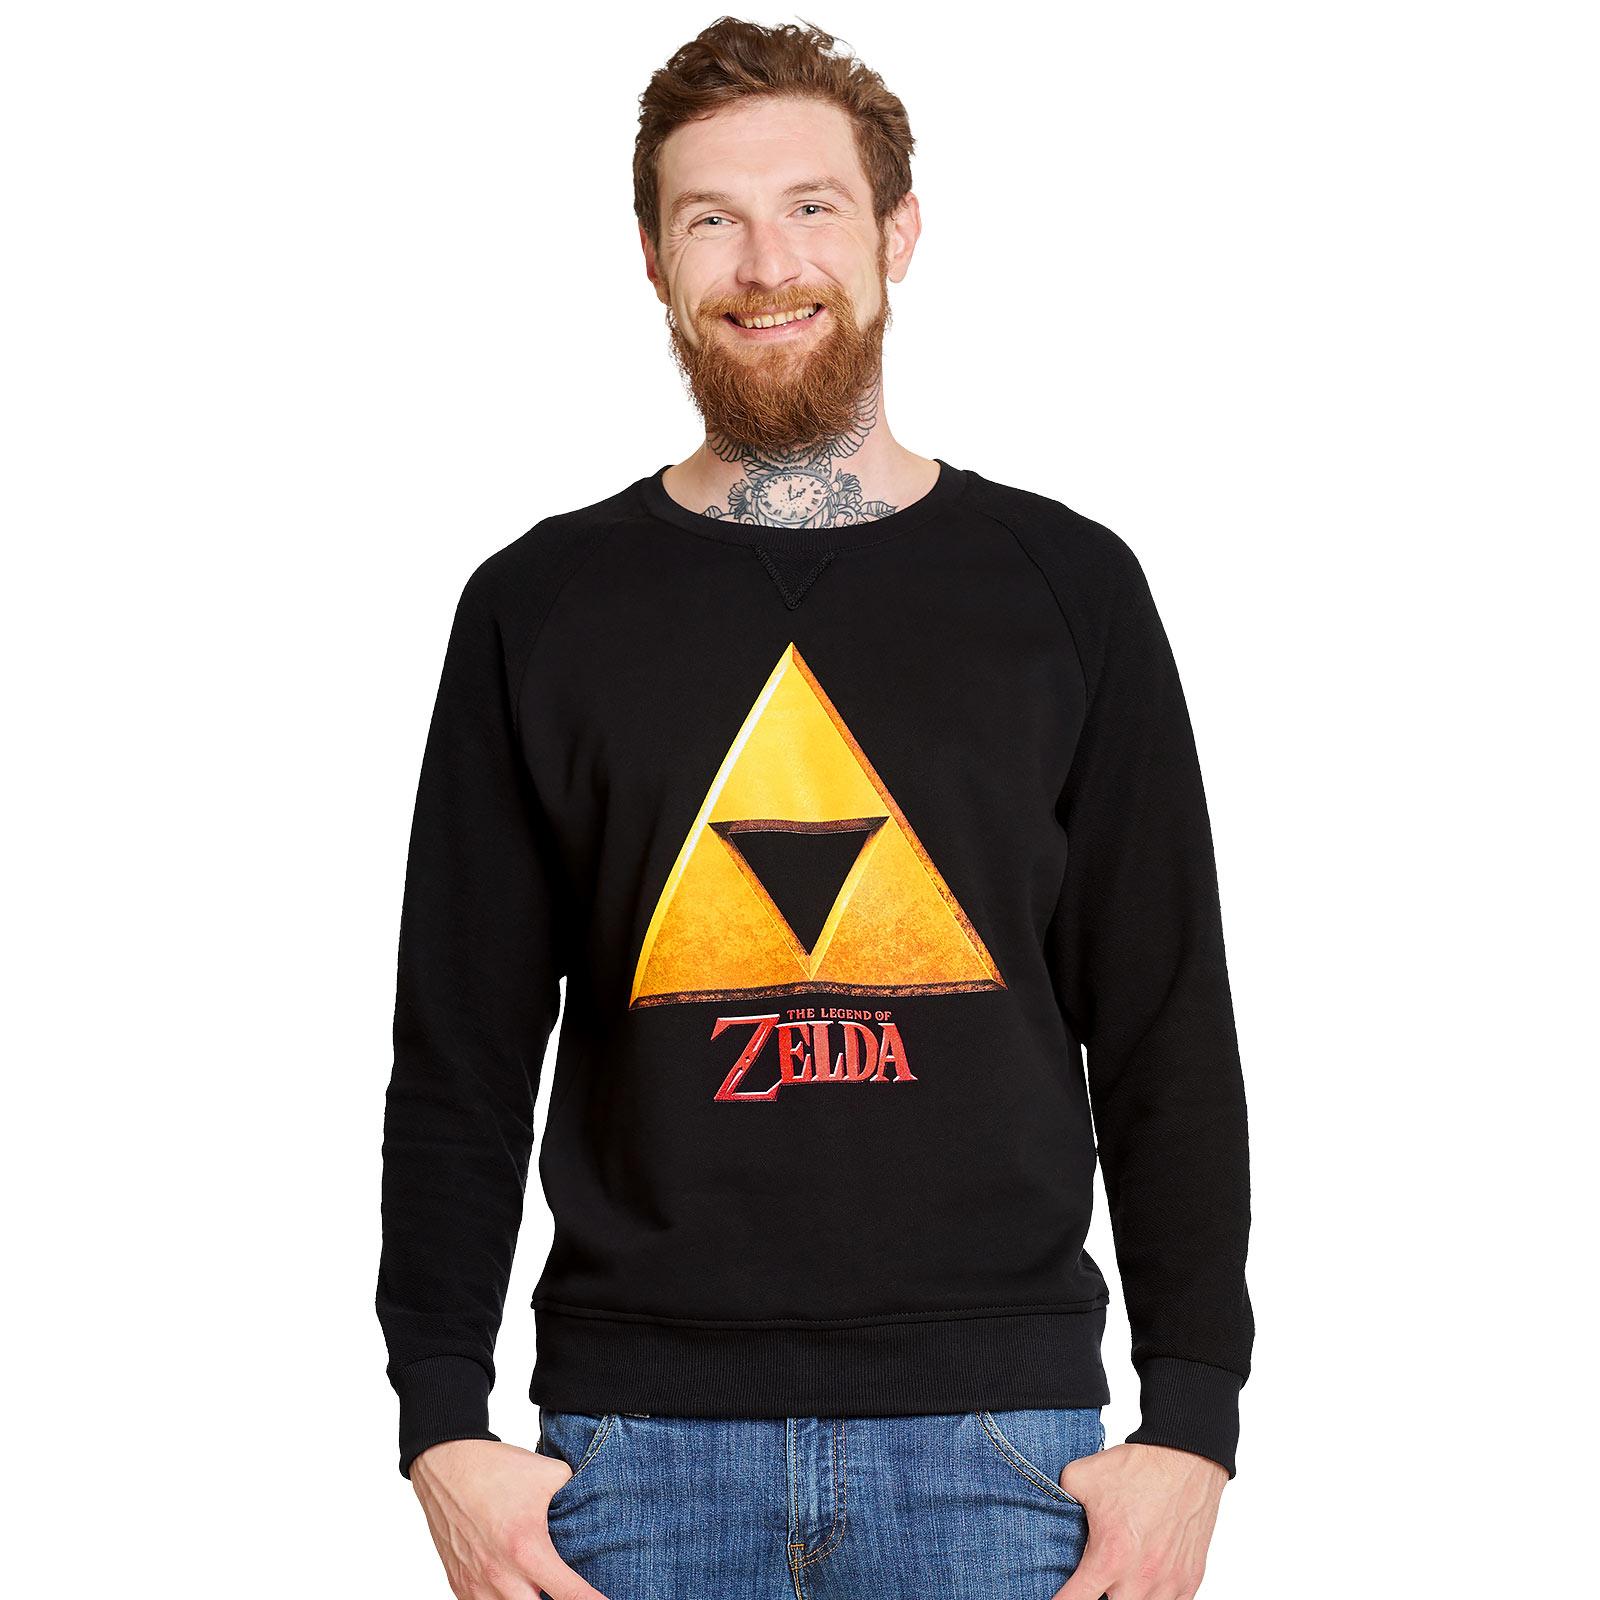 Zelda - Triforce Hyrule Logo Sweater schwarz